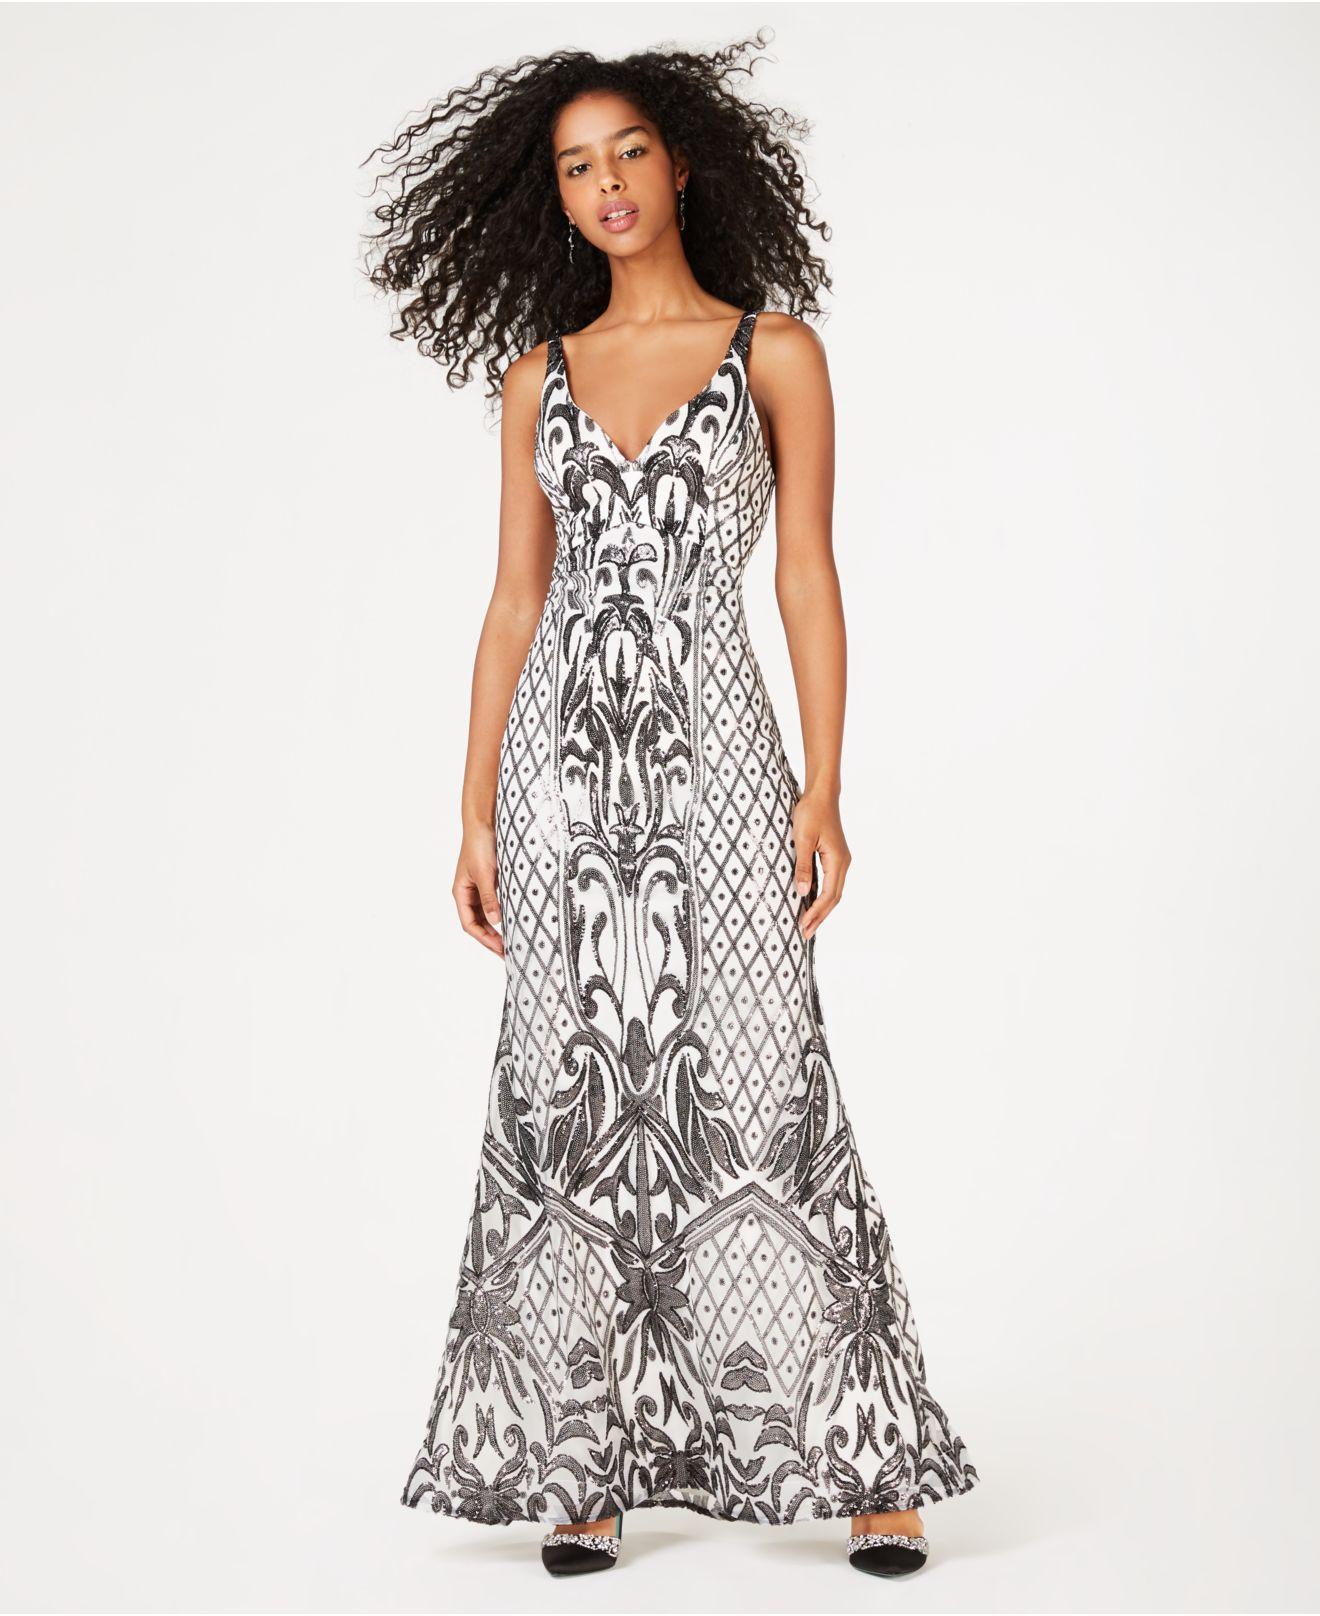 e249c1288d7 Macys Lace Dresses Juniors - Gomes Weine AG